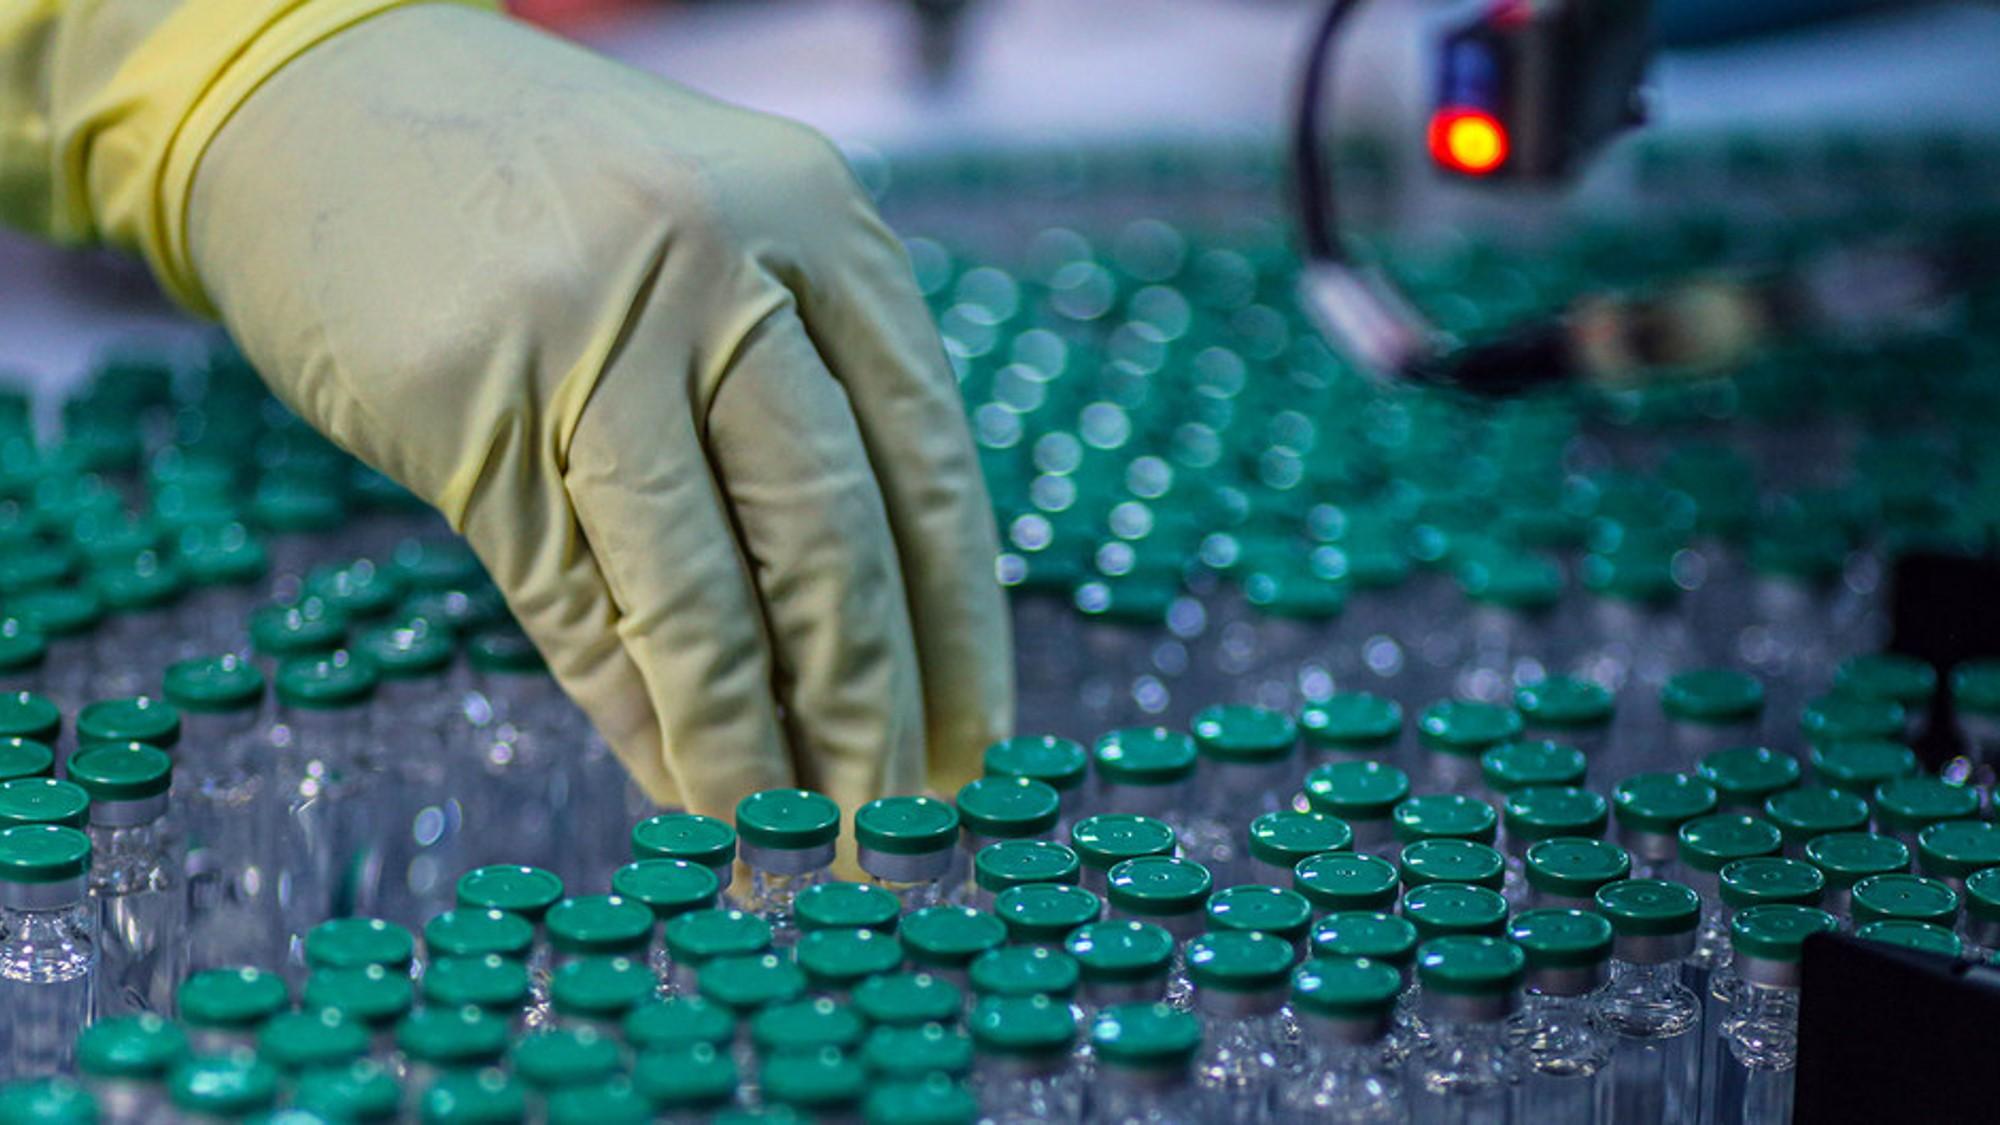 COVID-19: Nueva iniciativa de 50.000 millones de dólares para acabar con la pandemia y asegurar la recuperación mundial